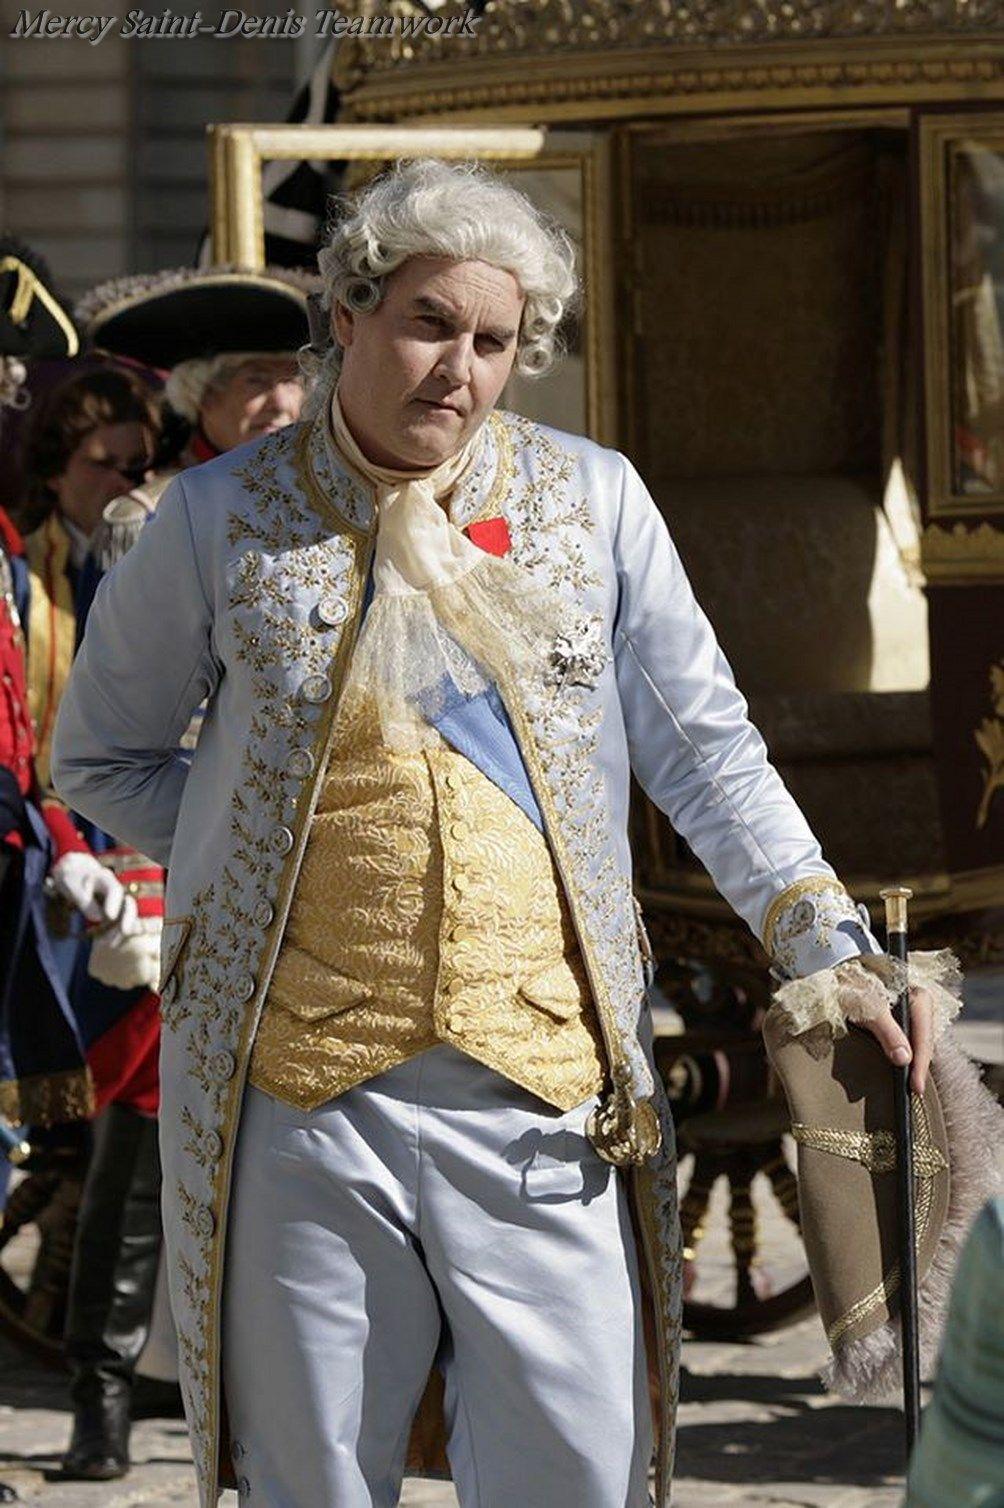 Xavier Beauvois as Louis XVI, Les adieux à la reine 2012. | Louis xvi, Reine